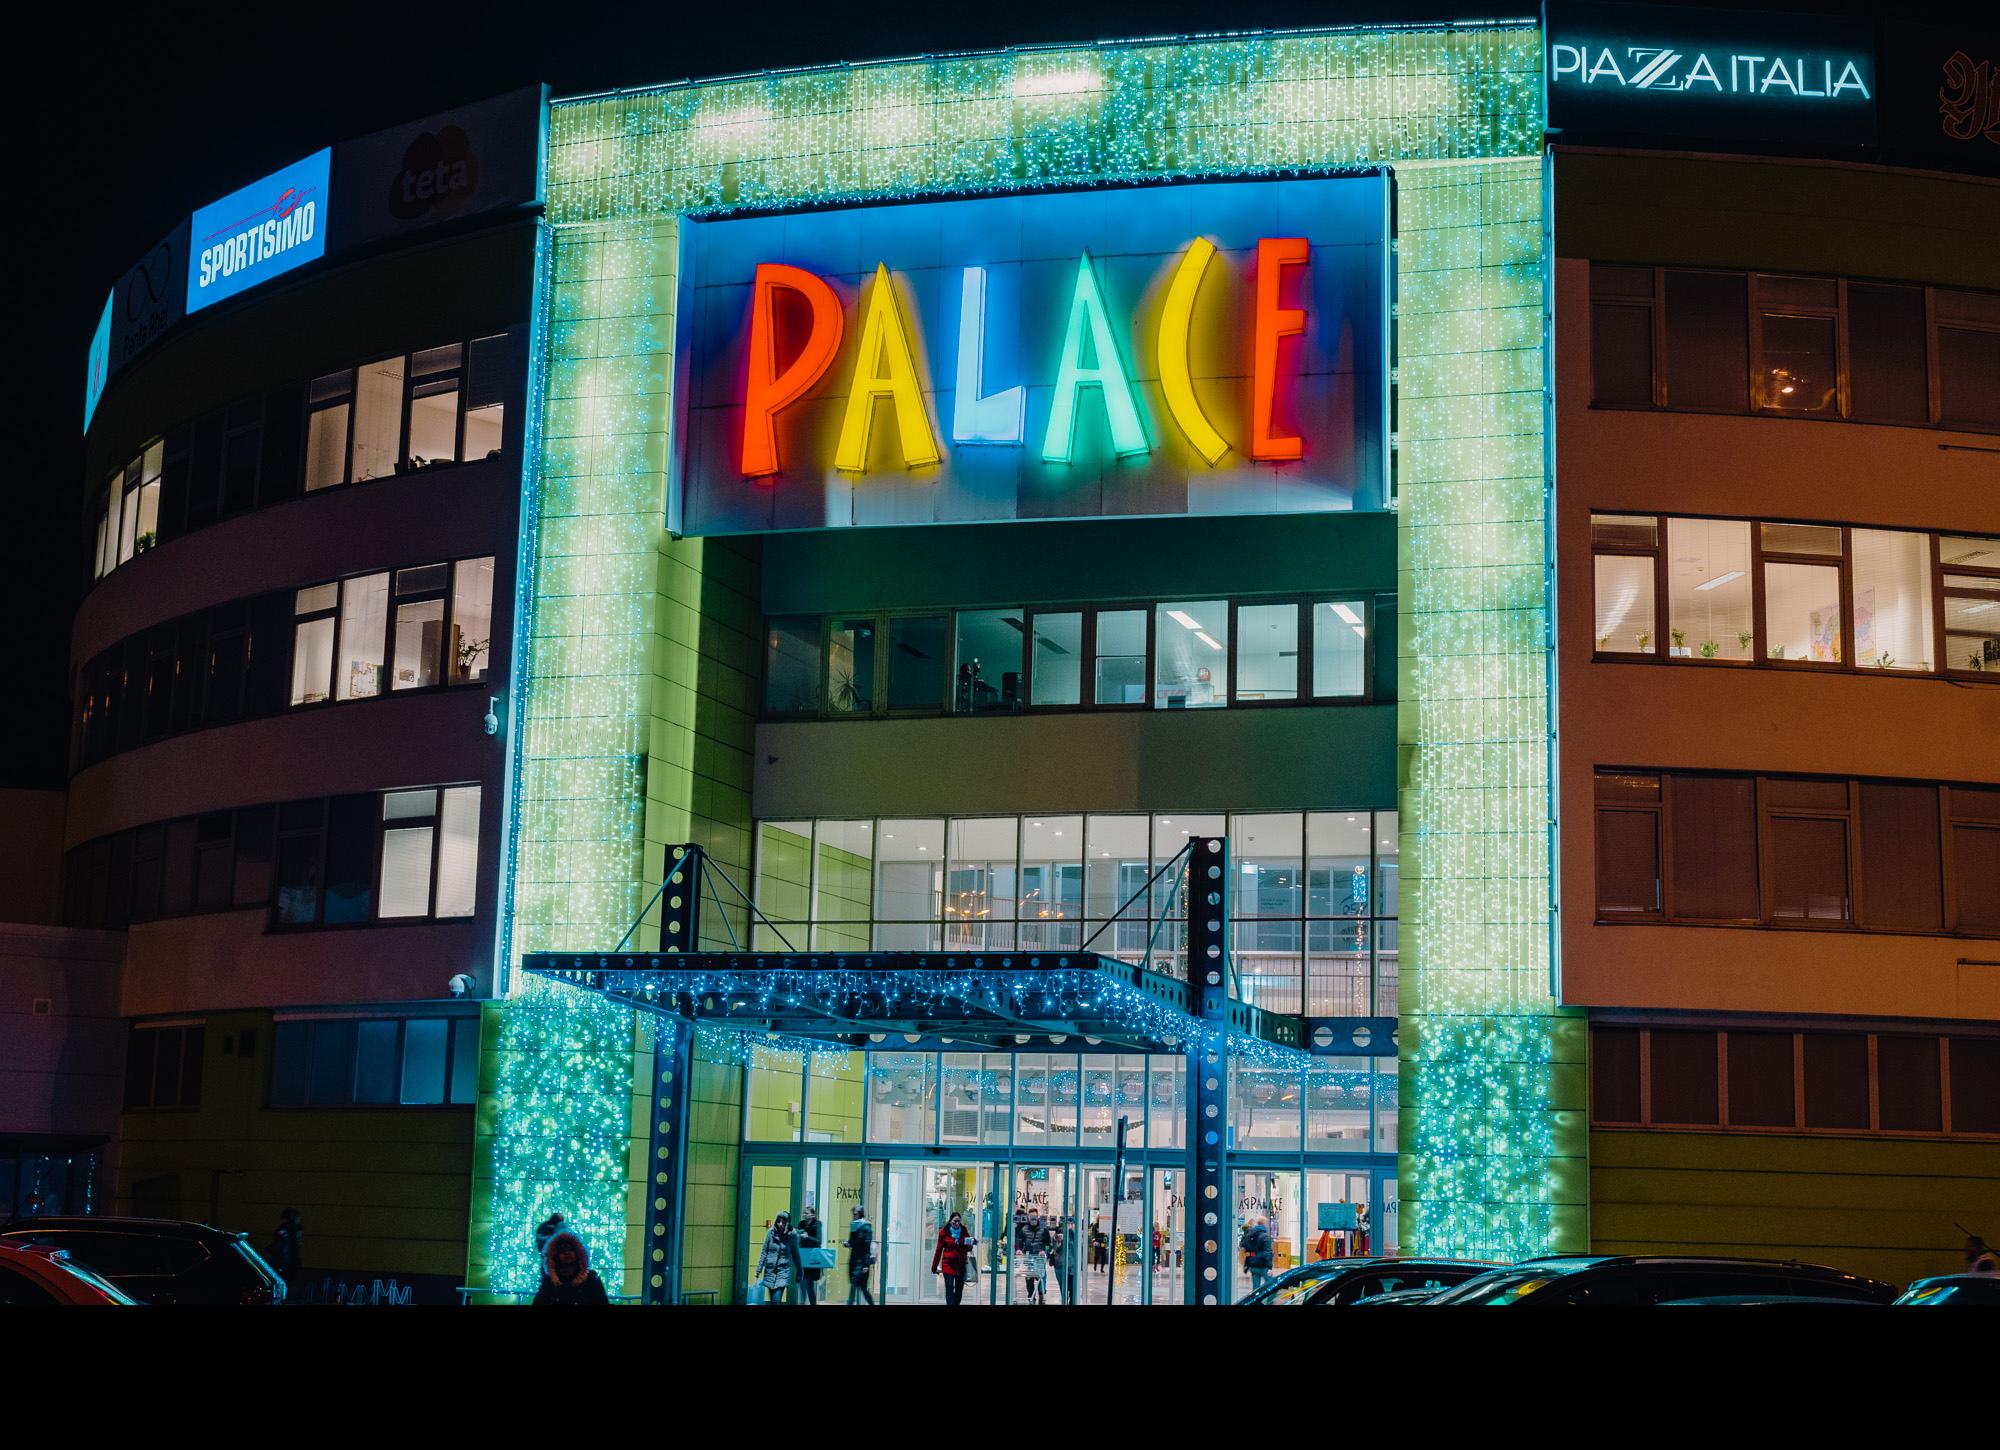 Palace-2019